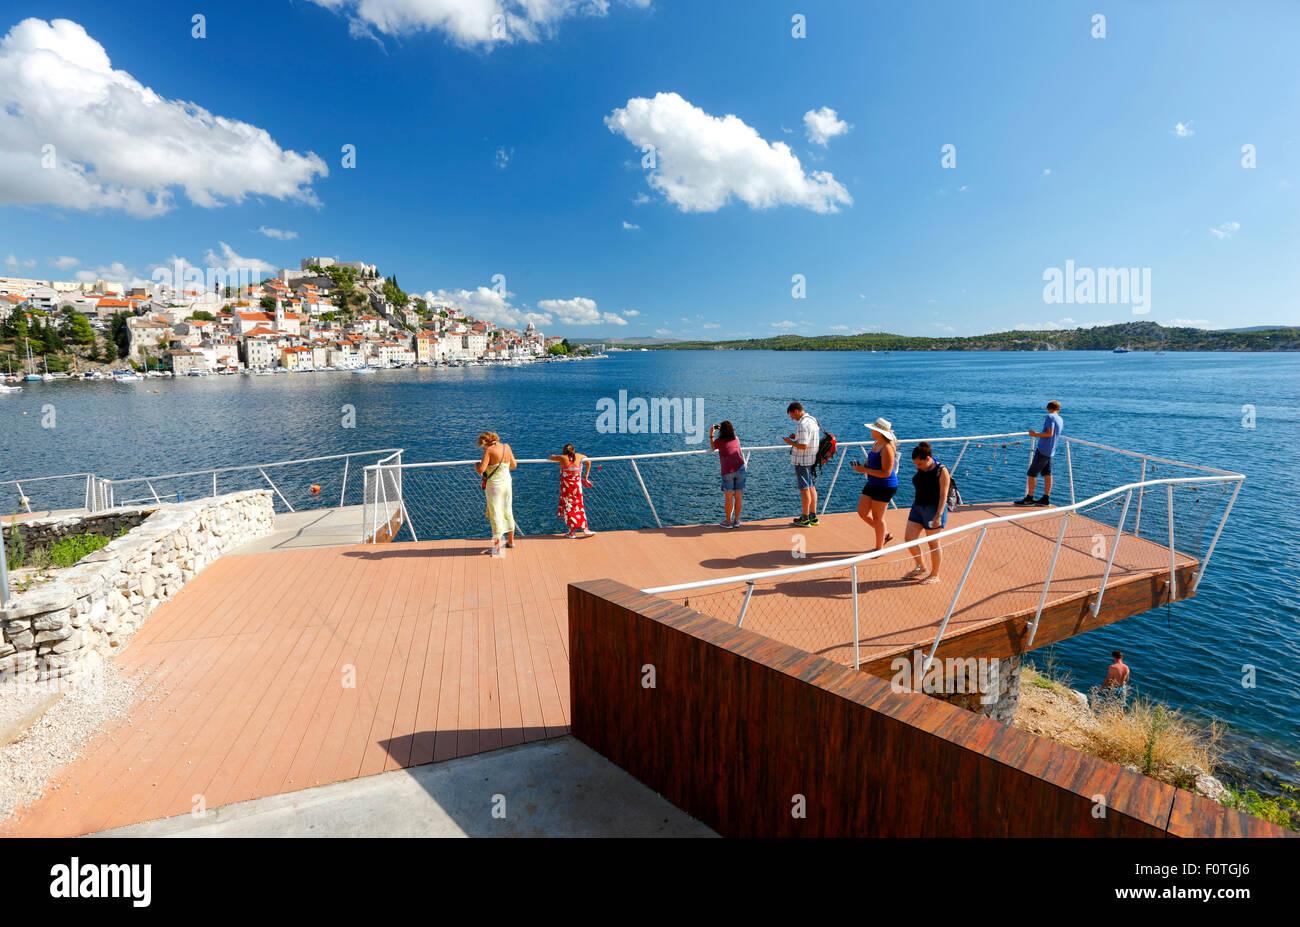 Aussichtspunkt in der Stadt Sibenik in der Nähe von öffentlichen Strand. Stockbild